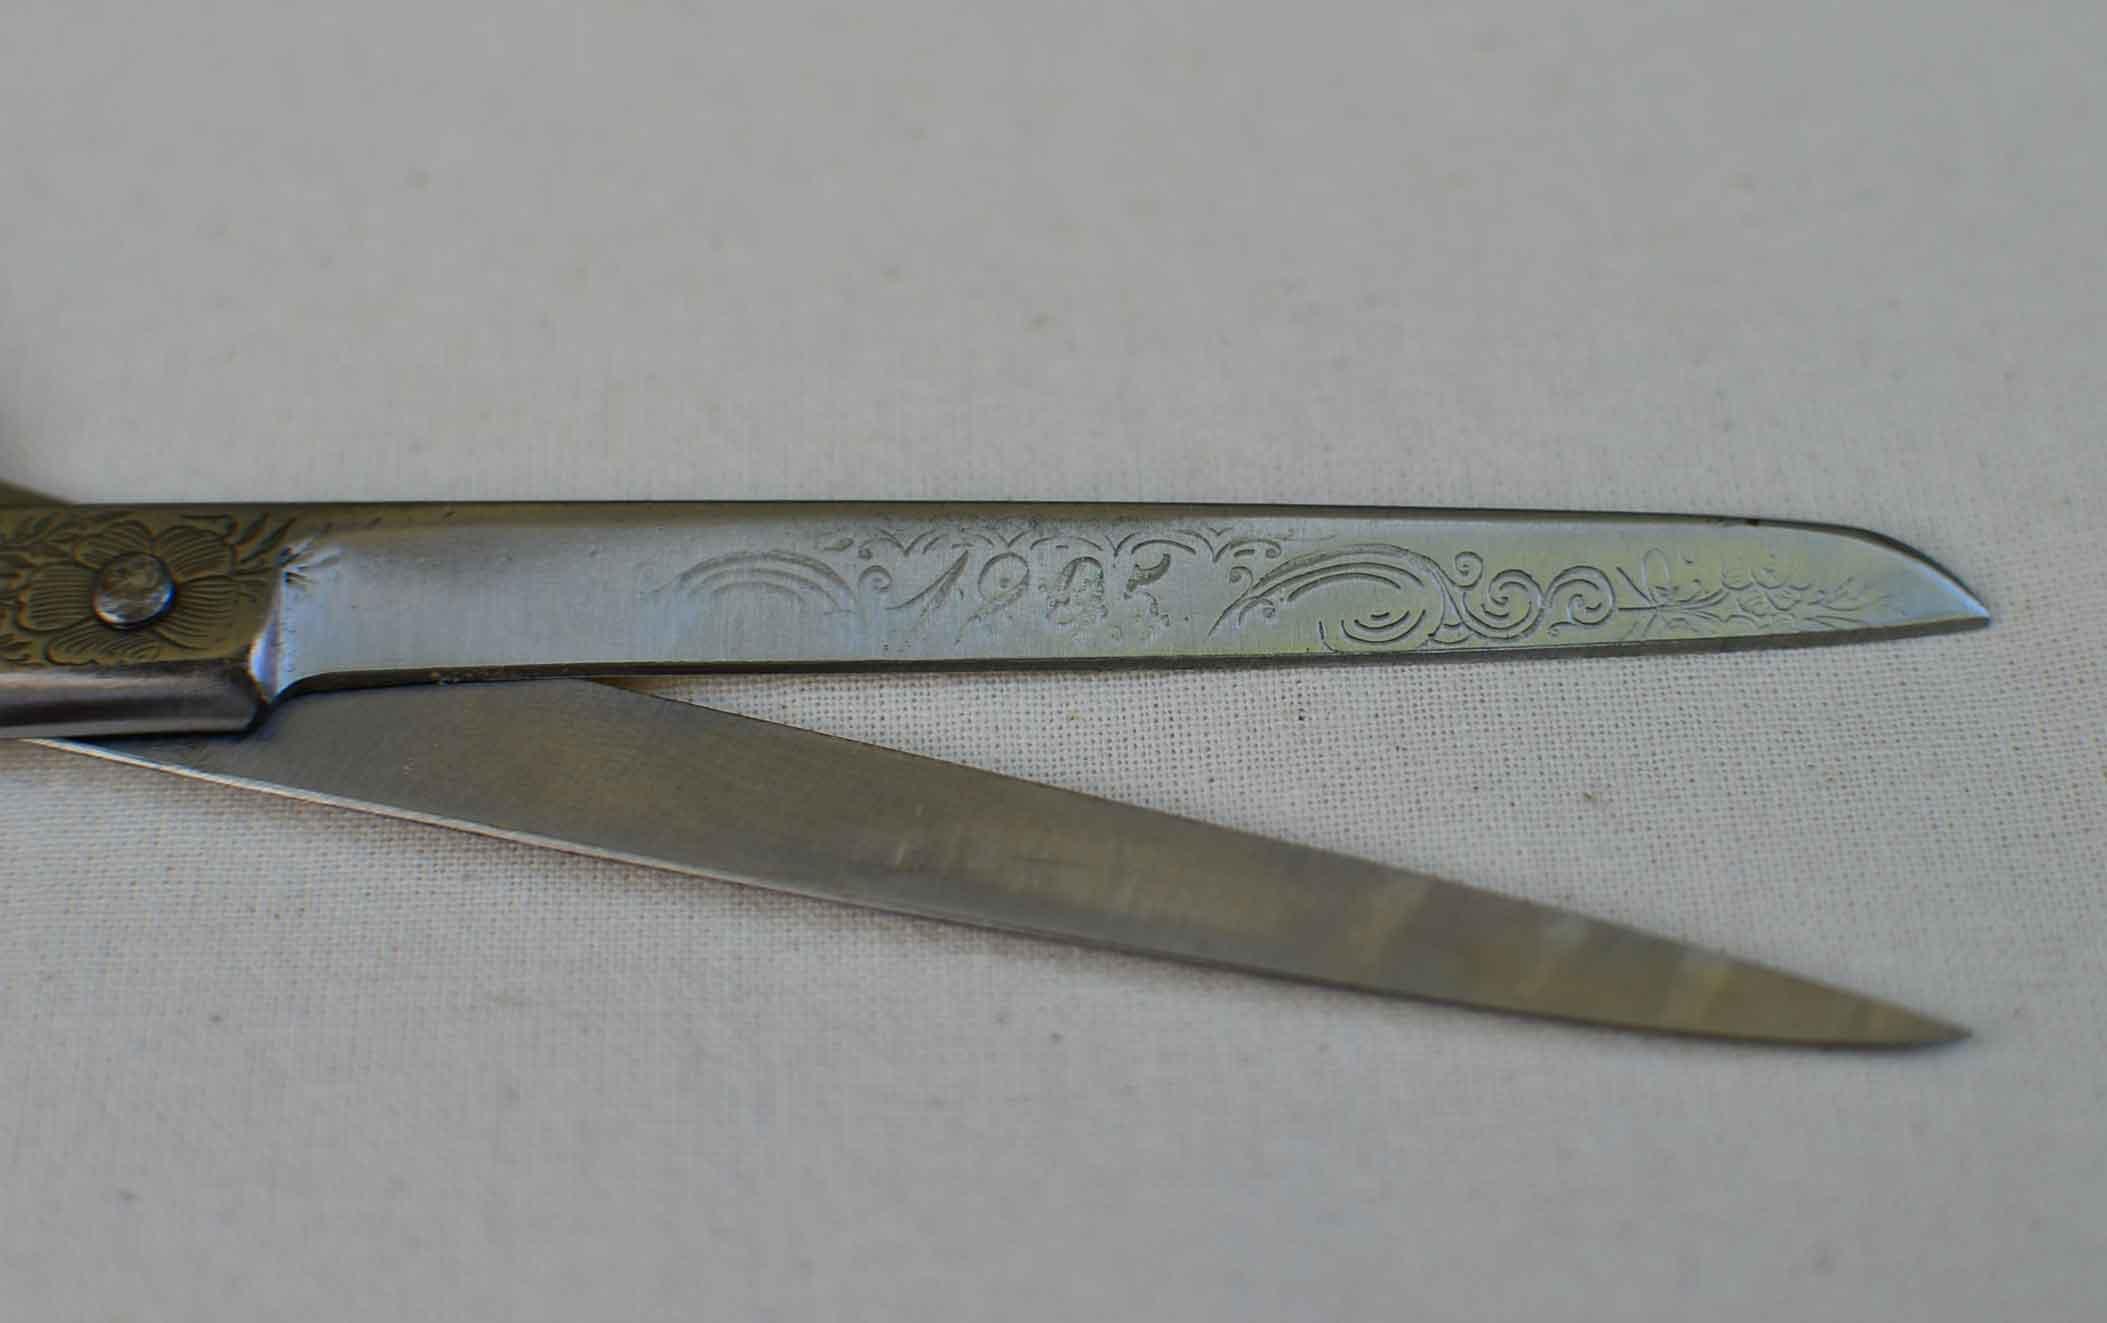 roetsch-gravur-1905-auf-schere